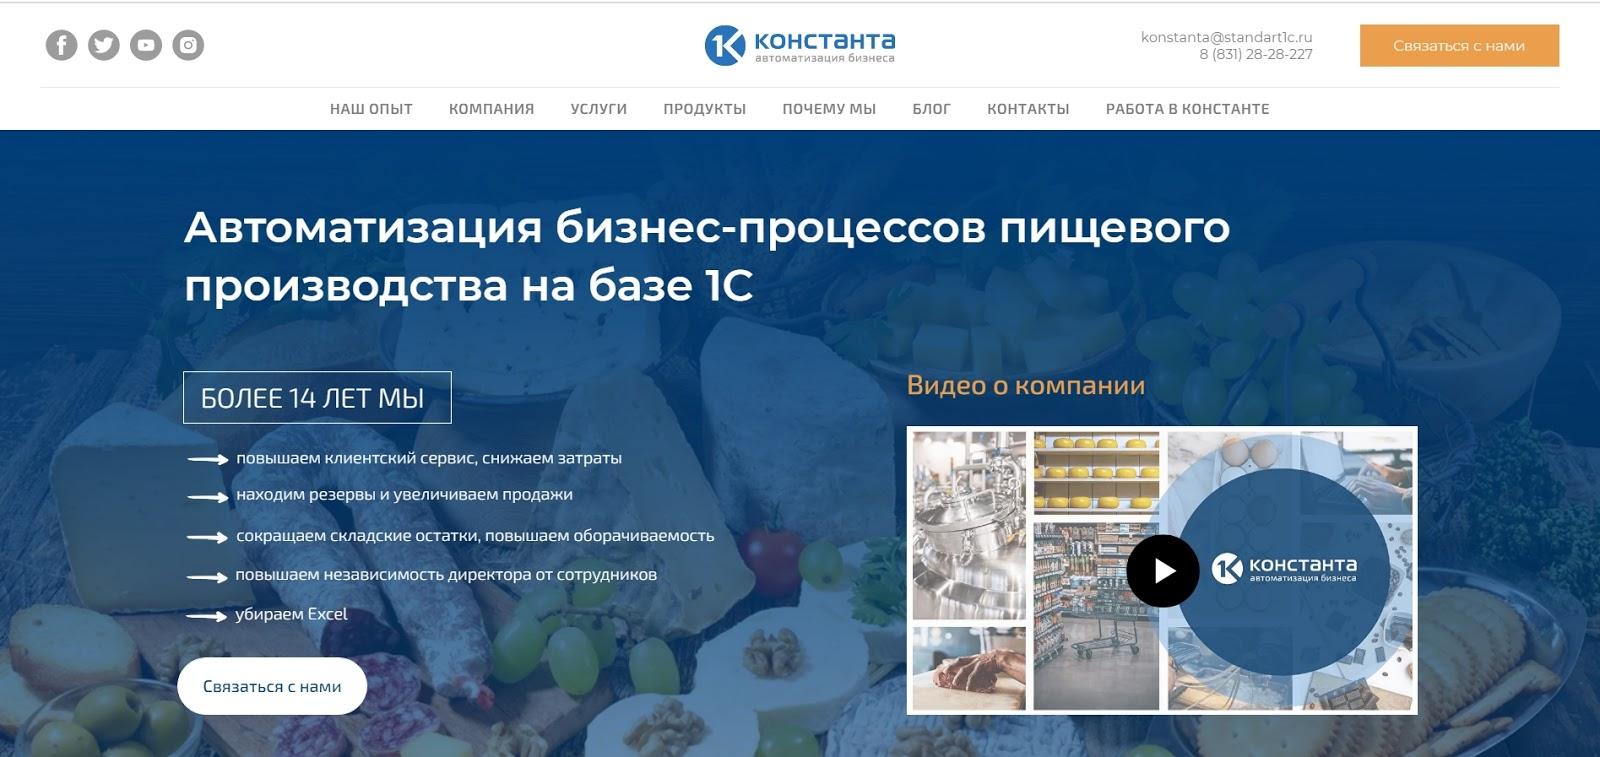 Пример корпоративного сайта ИТ-компании